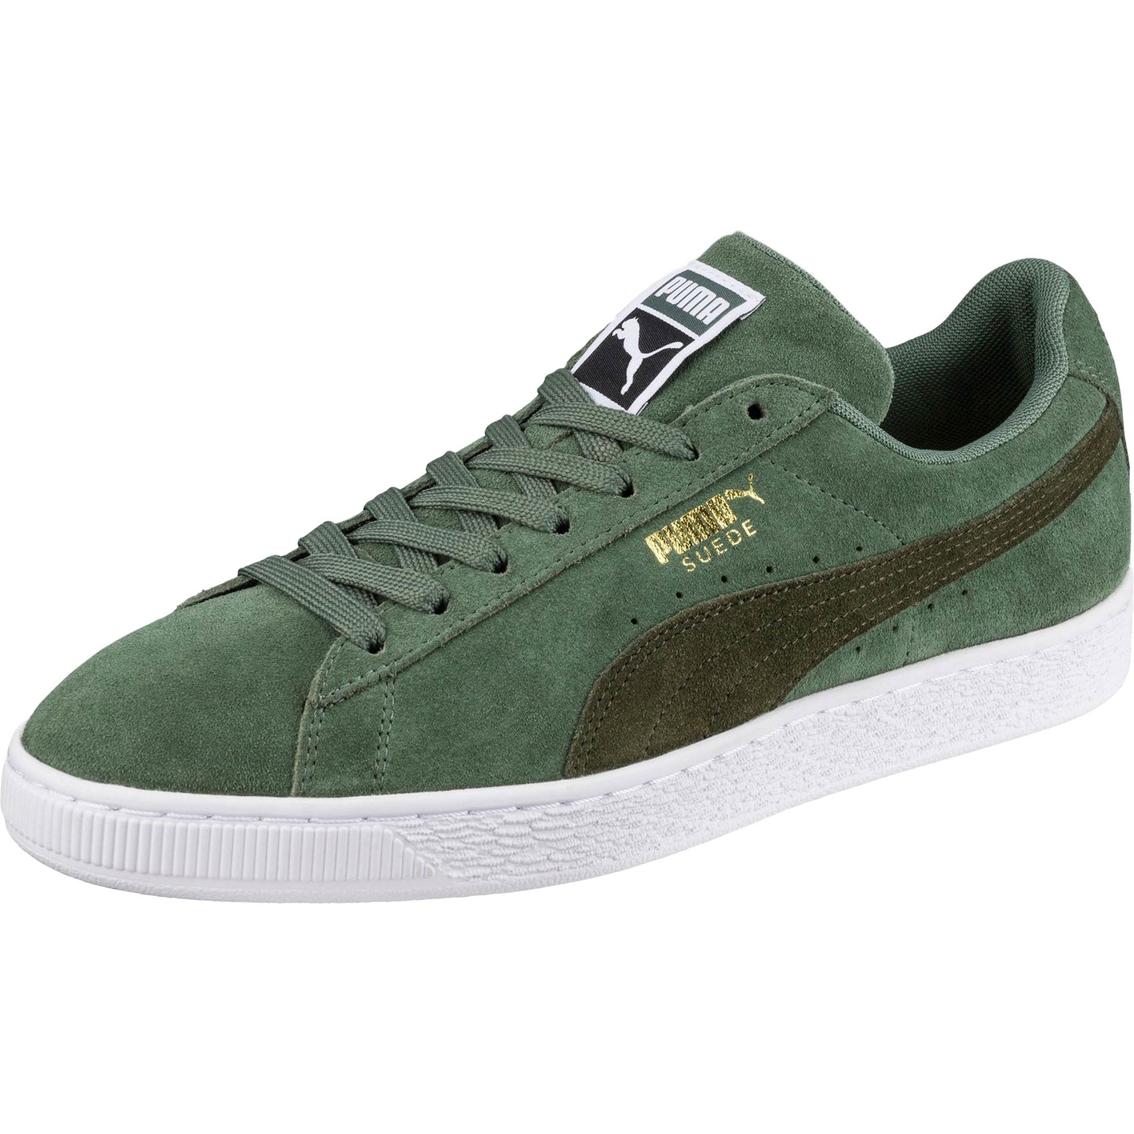 Puma Suede Classic Sneakers  86a0b7bd7